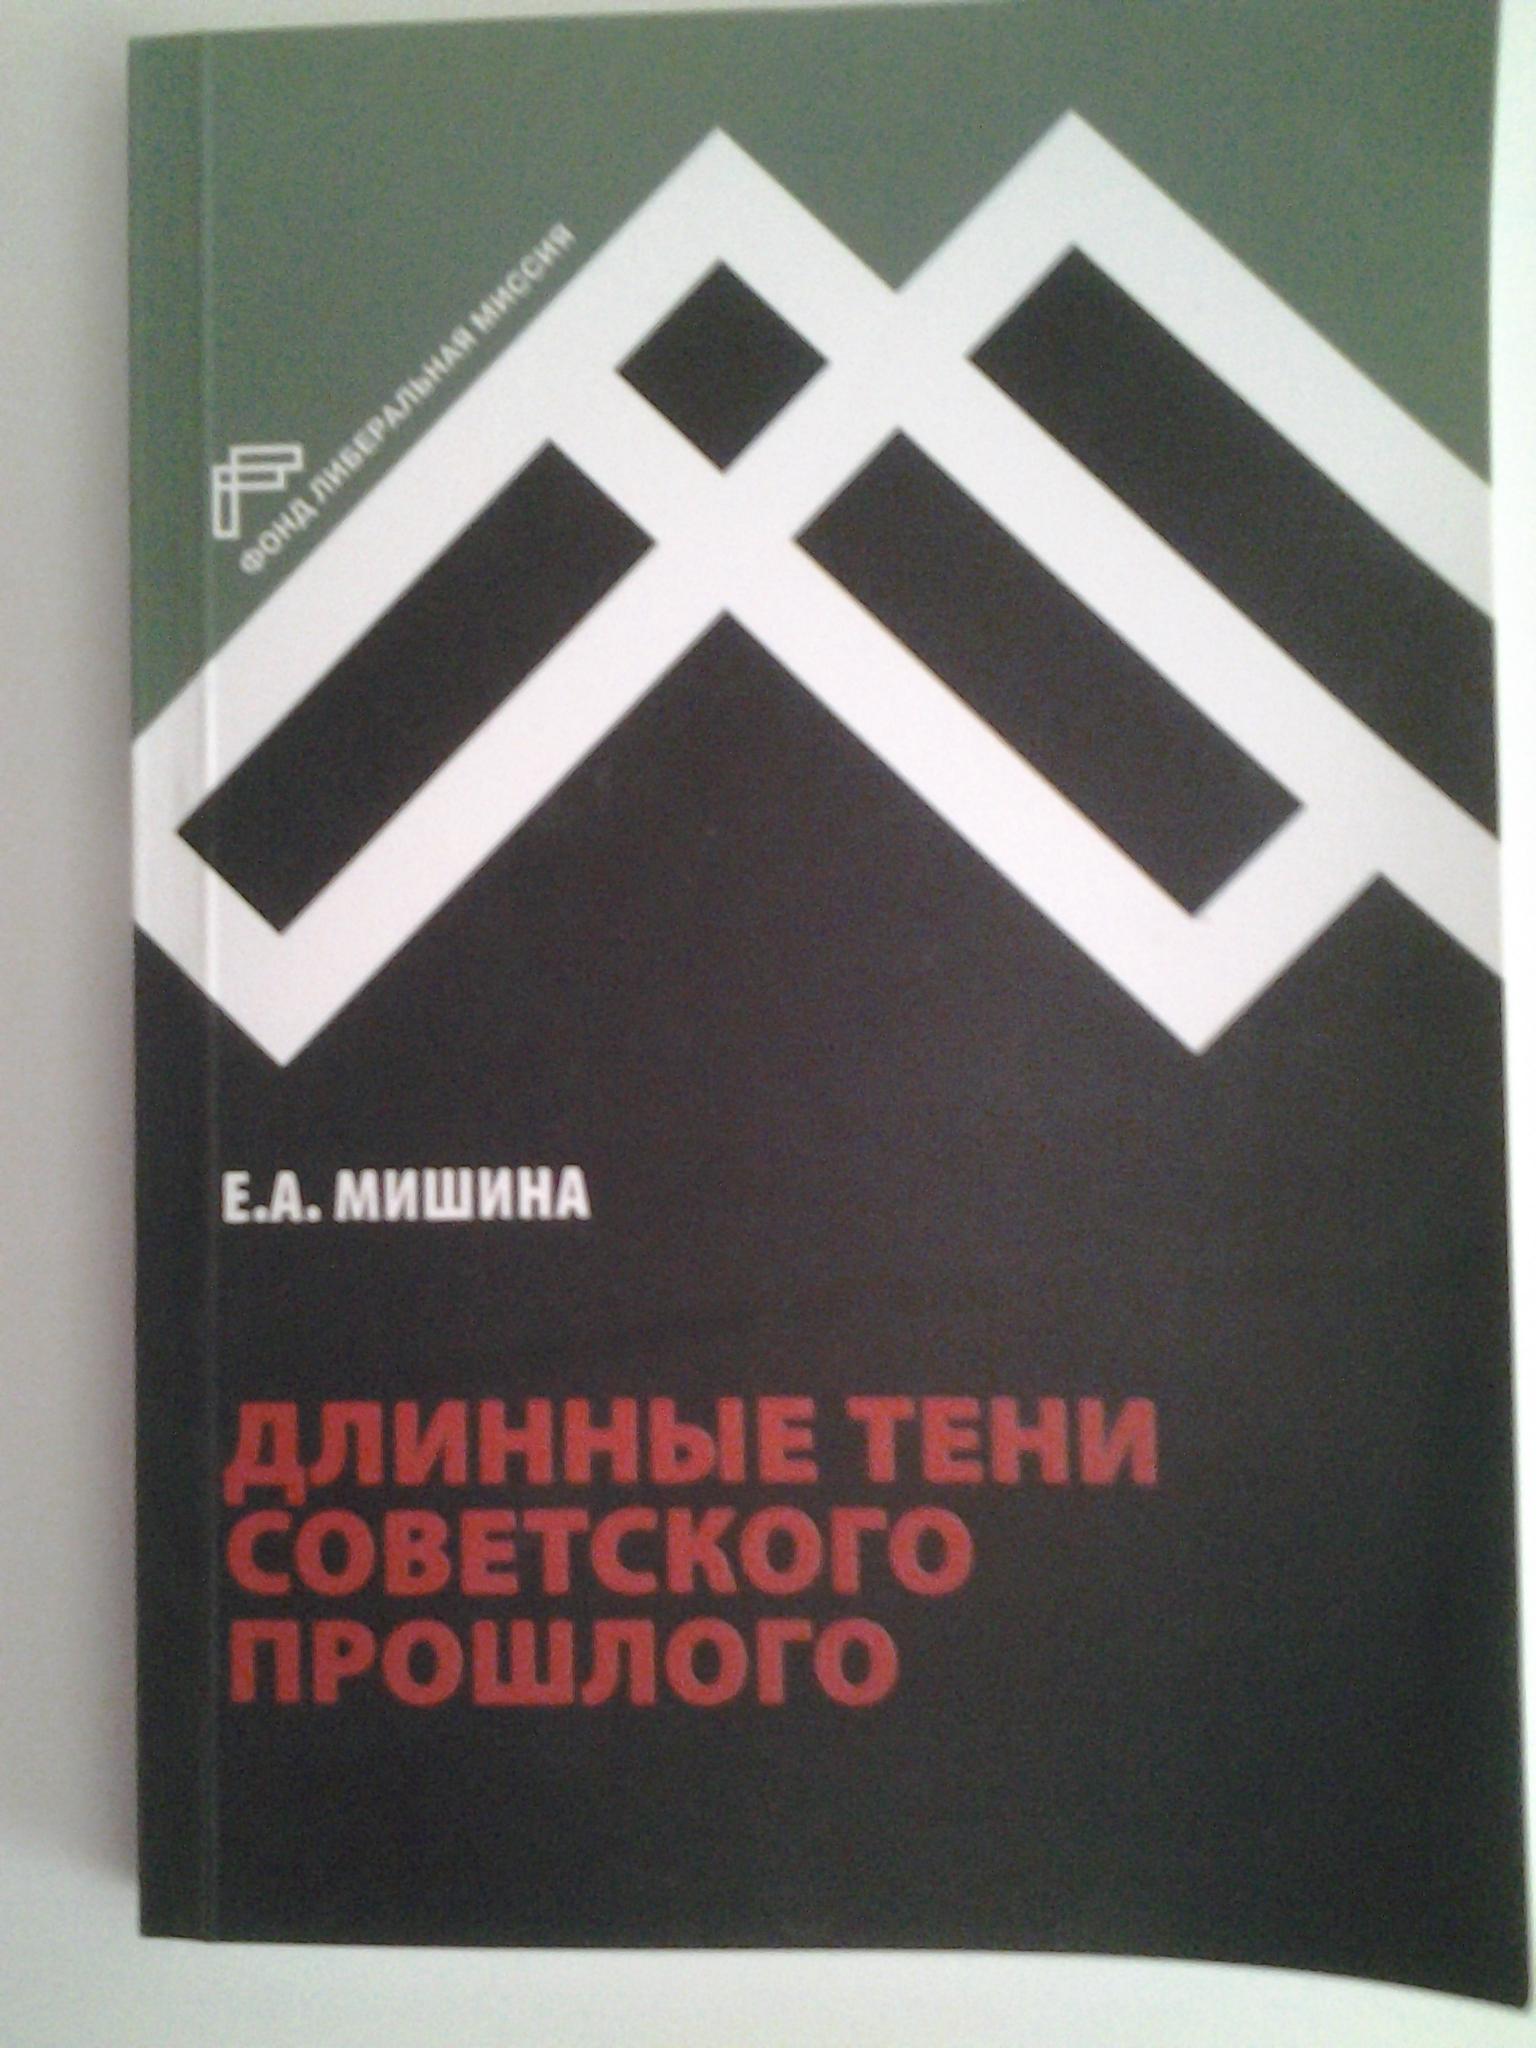 Длинные тени советского прошлого